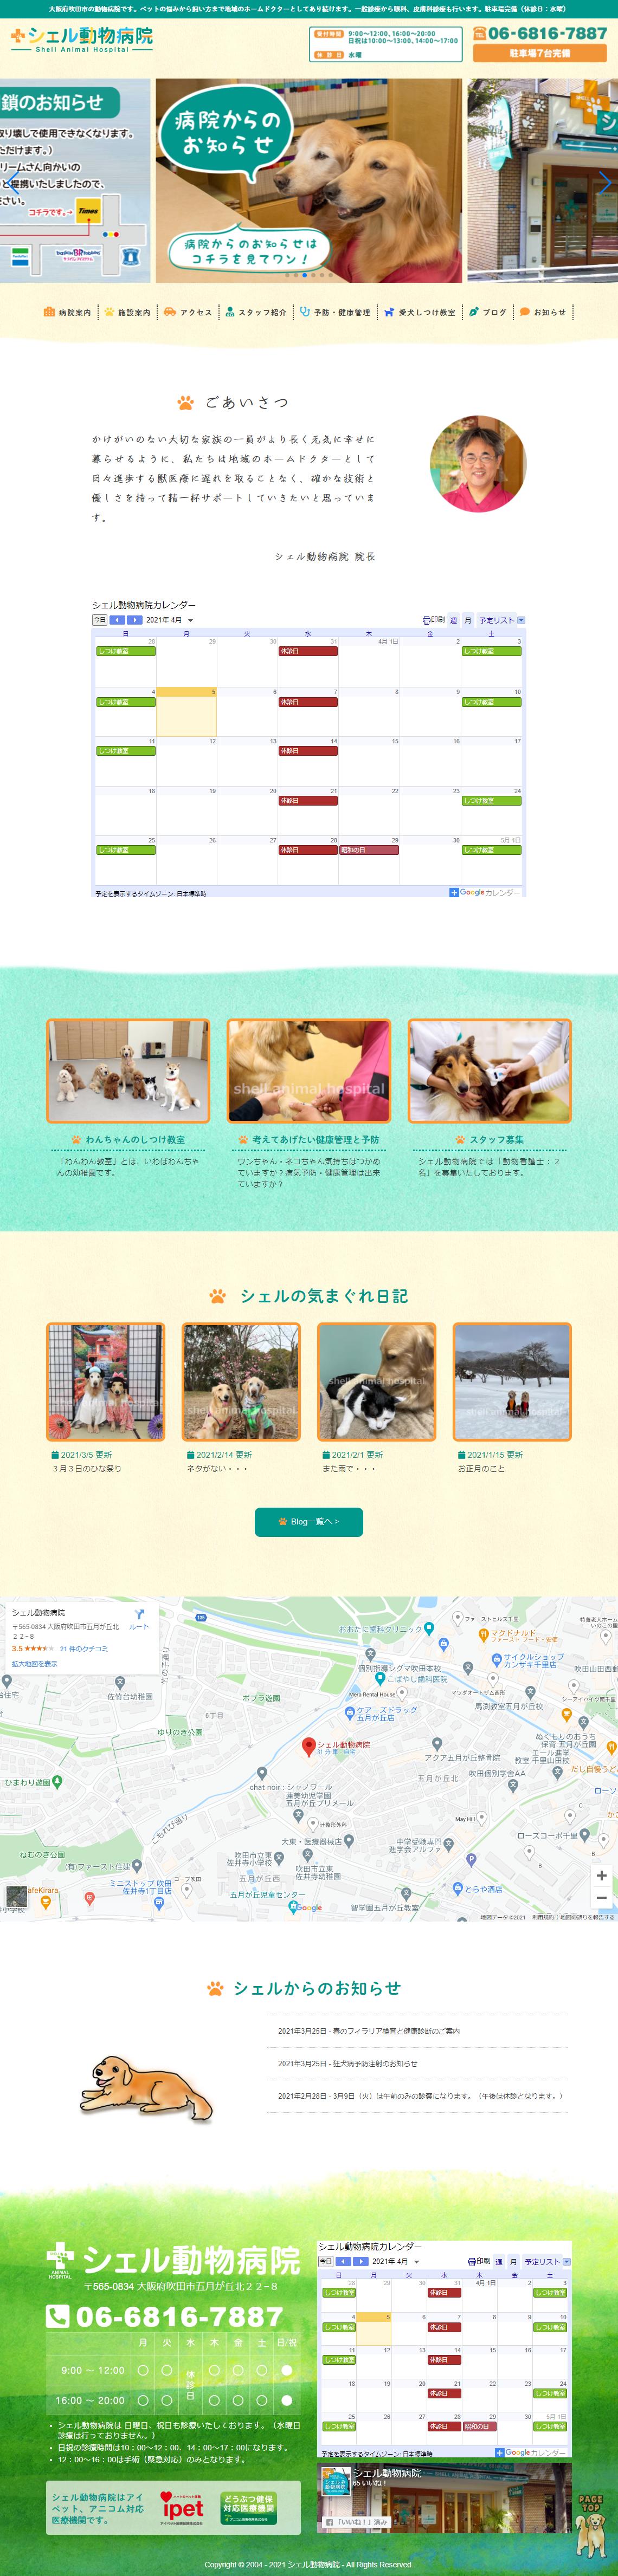 大阪府吹田市のシェル動物病院 ホームページ画像